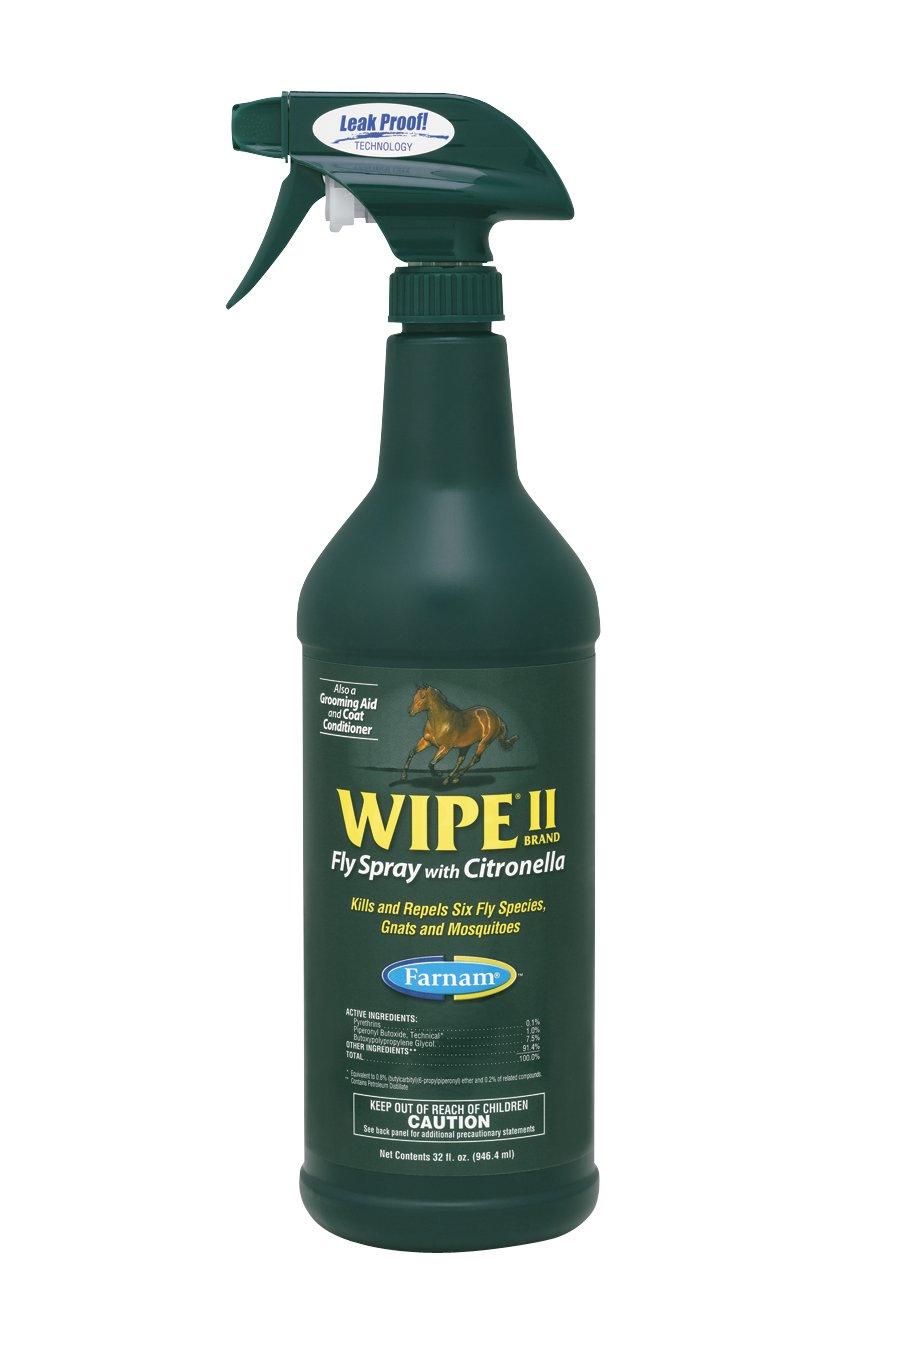 Farnam Wipe II Fly Spray with Citronella, 32 fl. oz. by Farnam